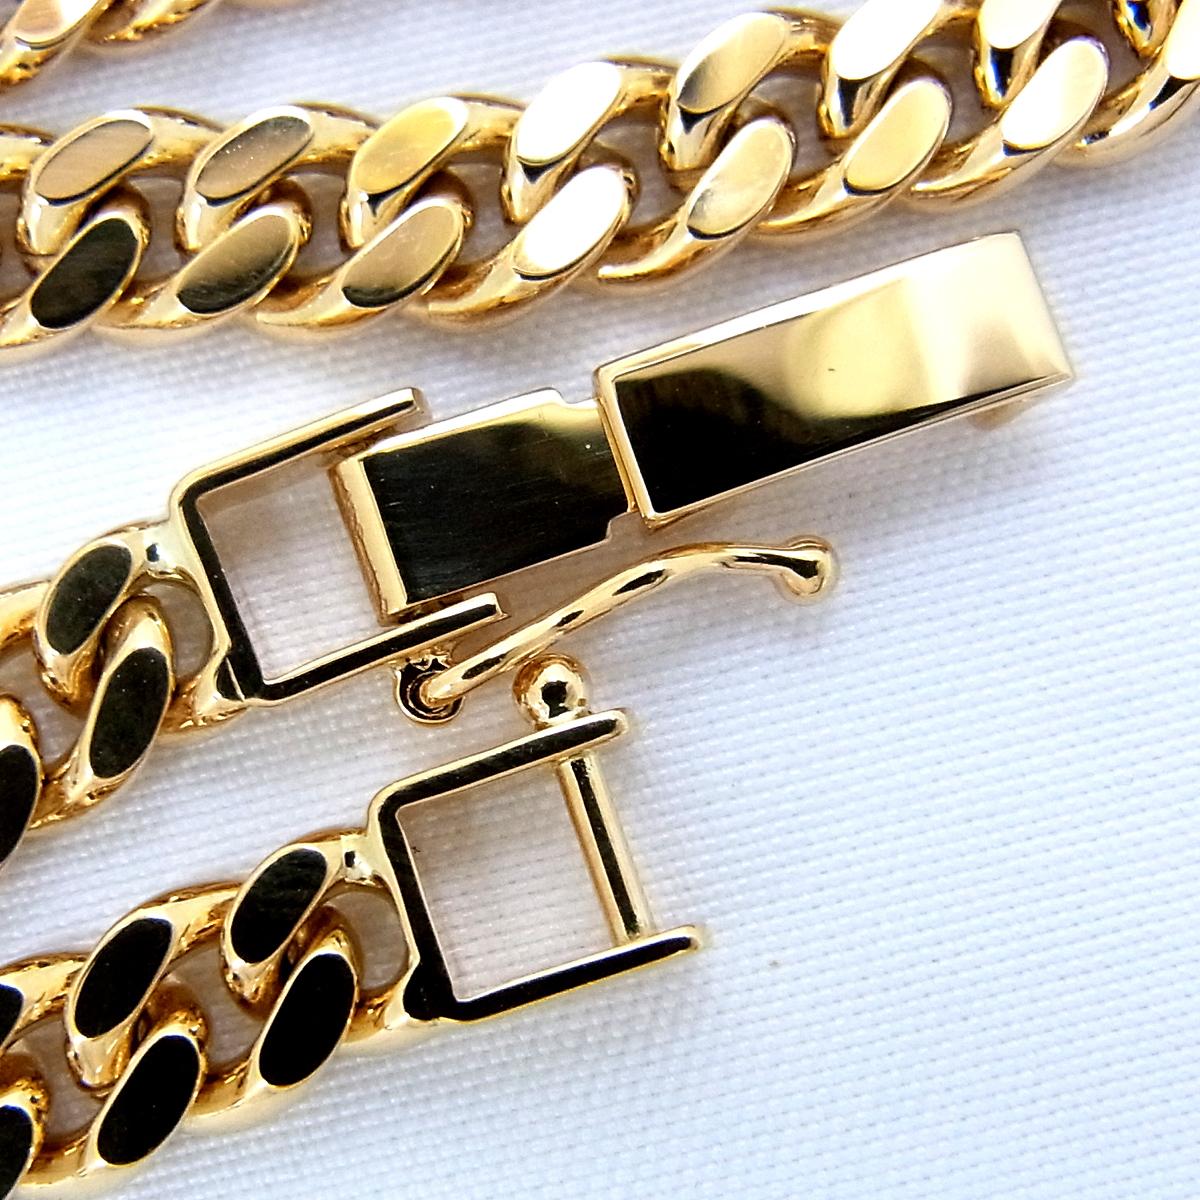 展示品 K18 喜平 2面 シングル ブレスレット 20.2g 長さ:18cm 幅:5.3mm イエロー ゴールド 造幣局刻印 ∞_画像5